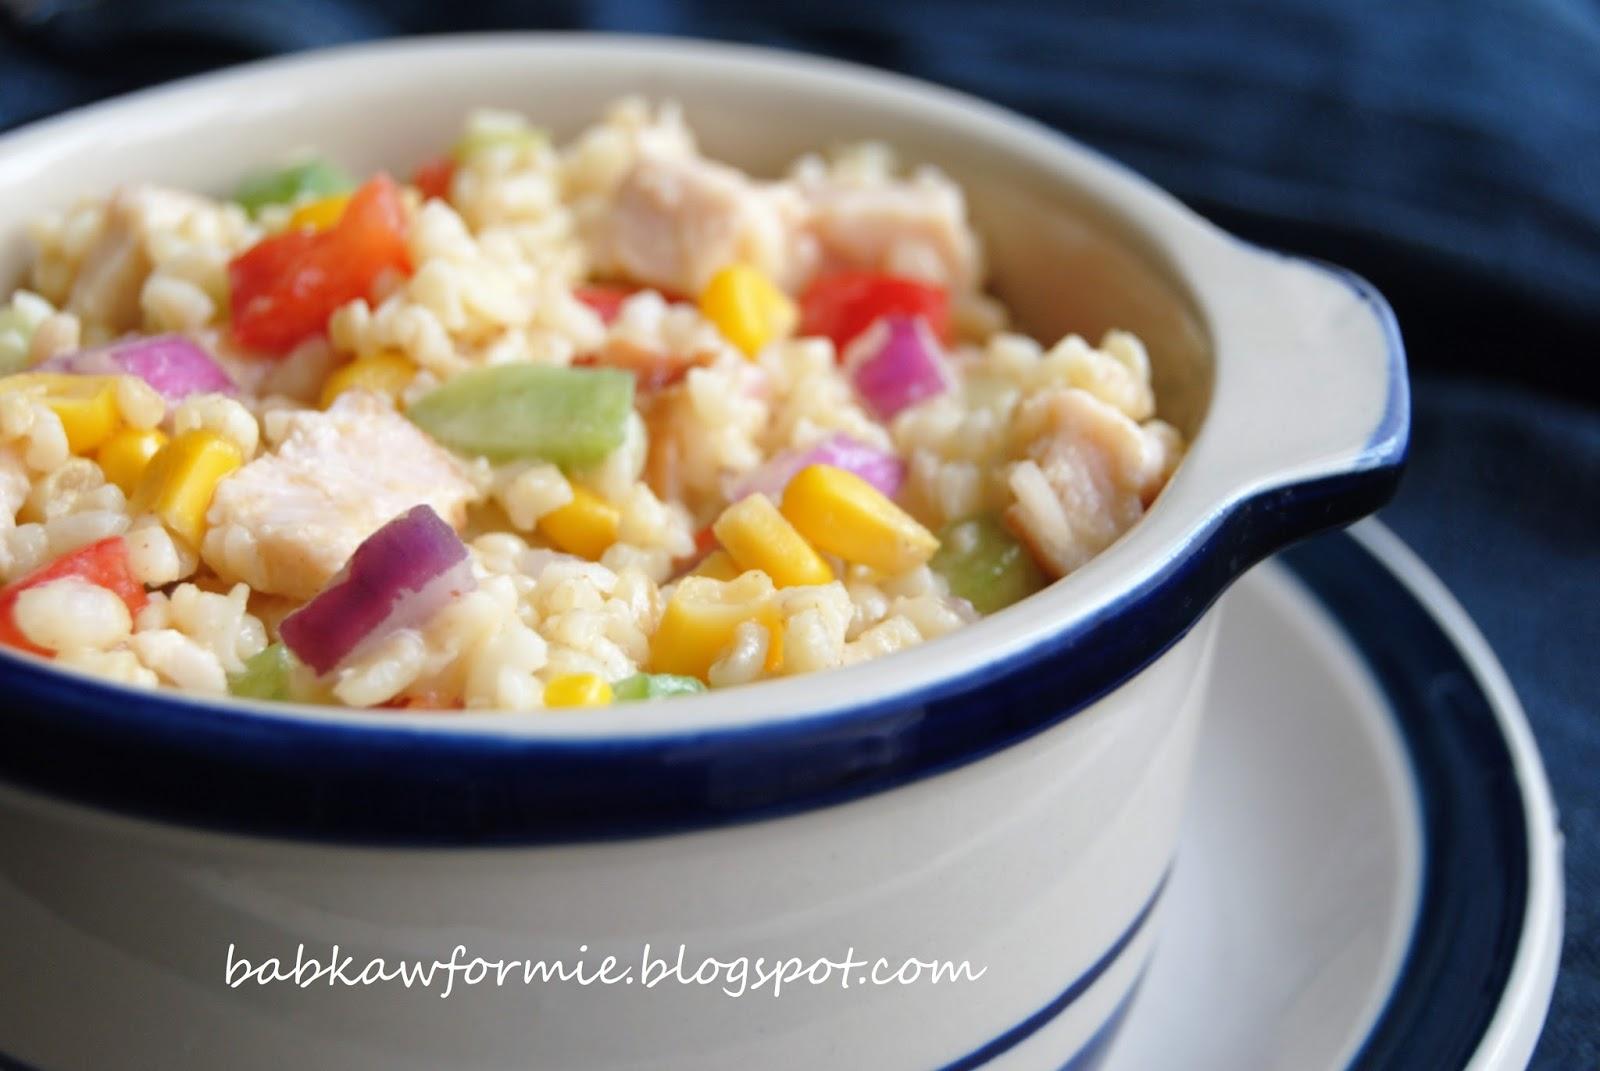 sałatka z kaszy bulgur z wędzonym kurczakiem i warzywami babkawformie.blogspot.com